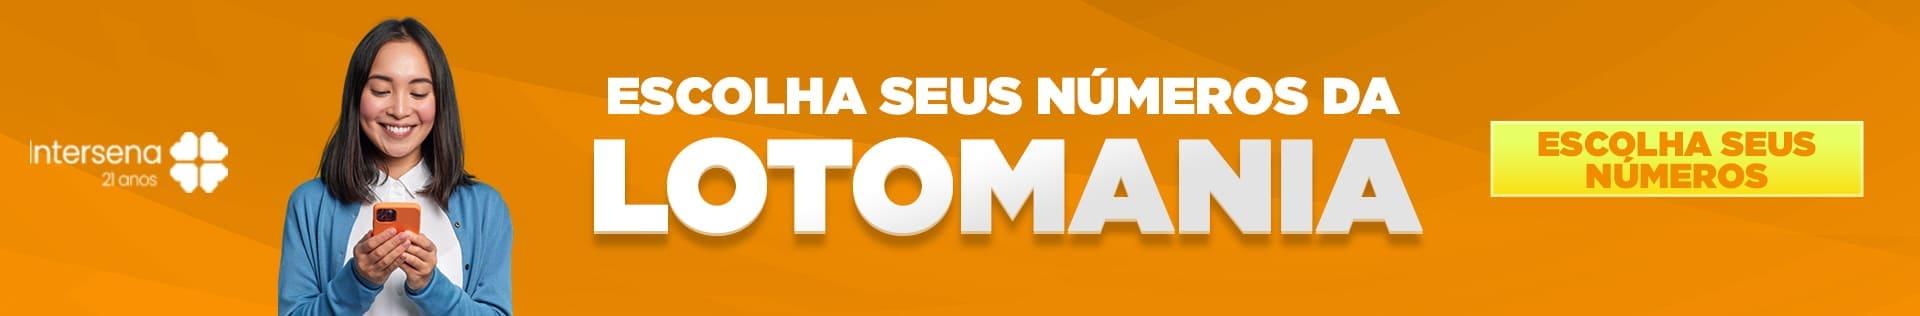 Aposte online na Lotomania